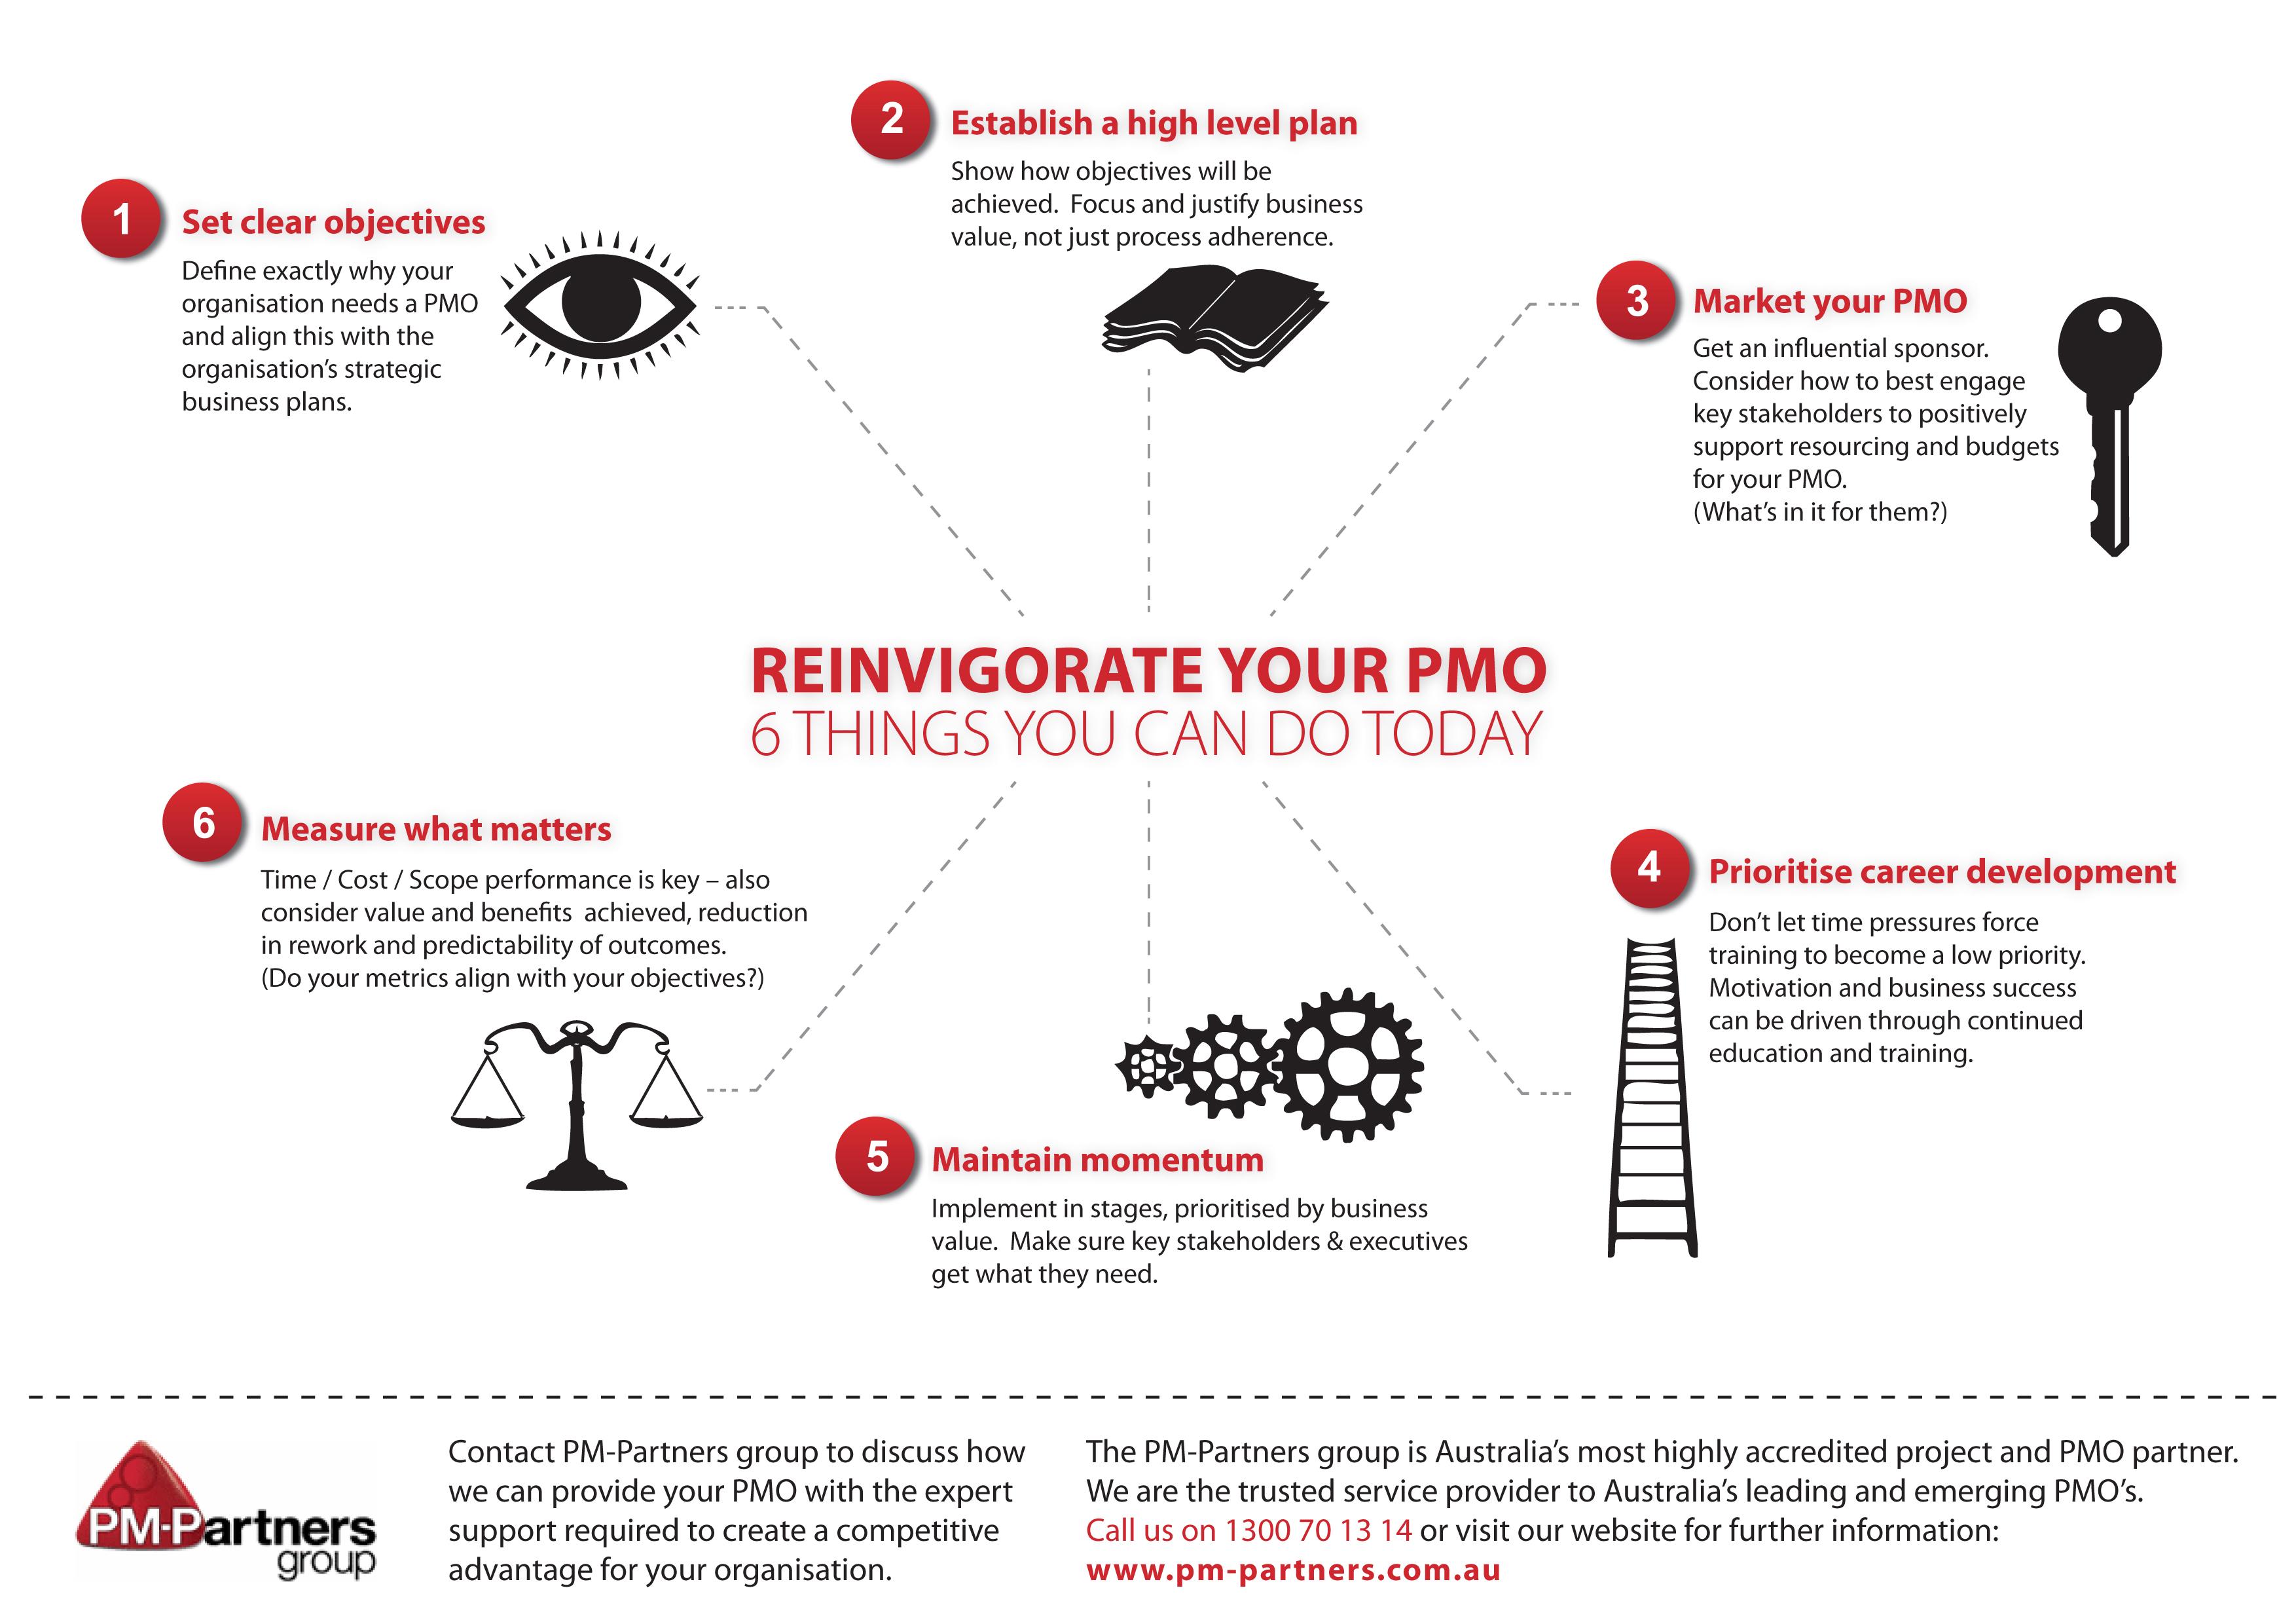 6 Ways To Reinvigorate Your Pmo